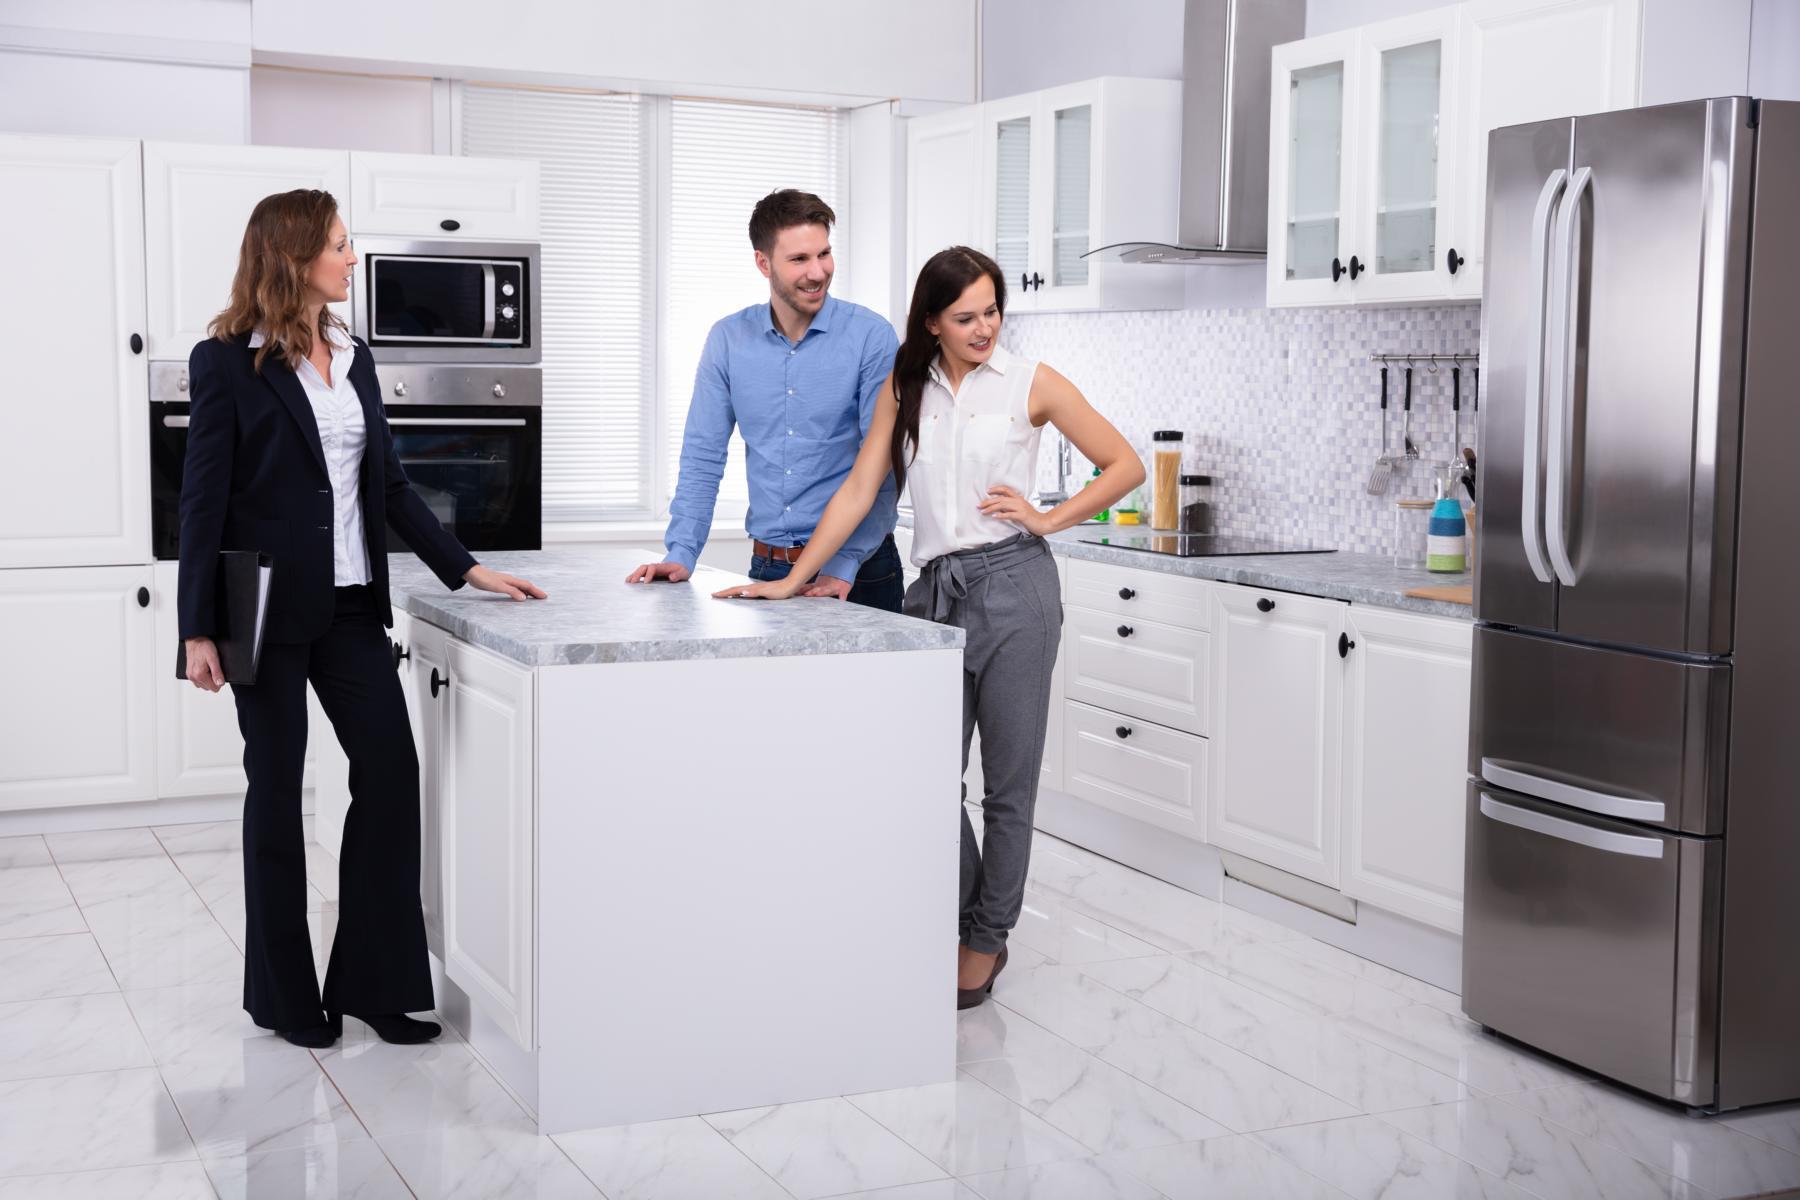 Einbauküche wirkt steuermindernd beim Hausverkauf.